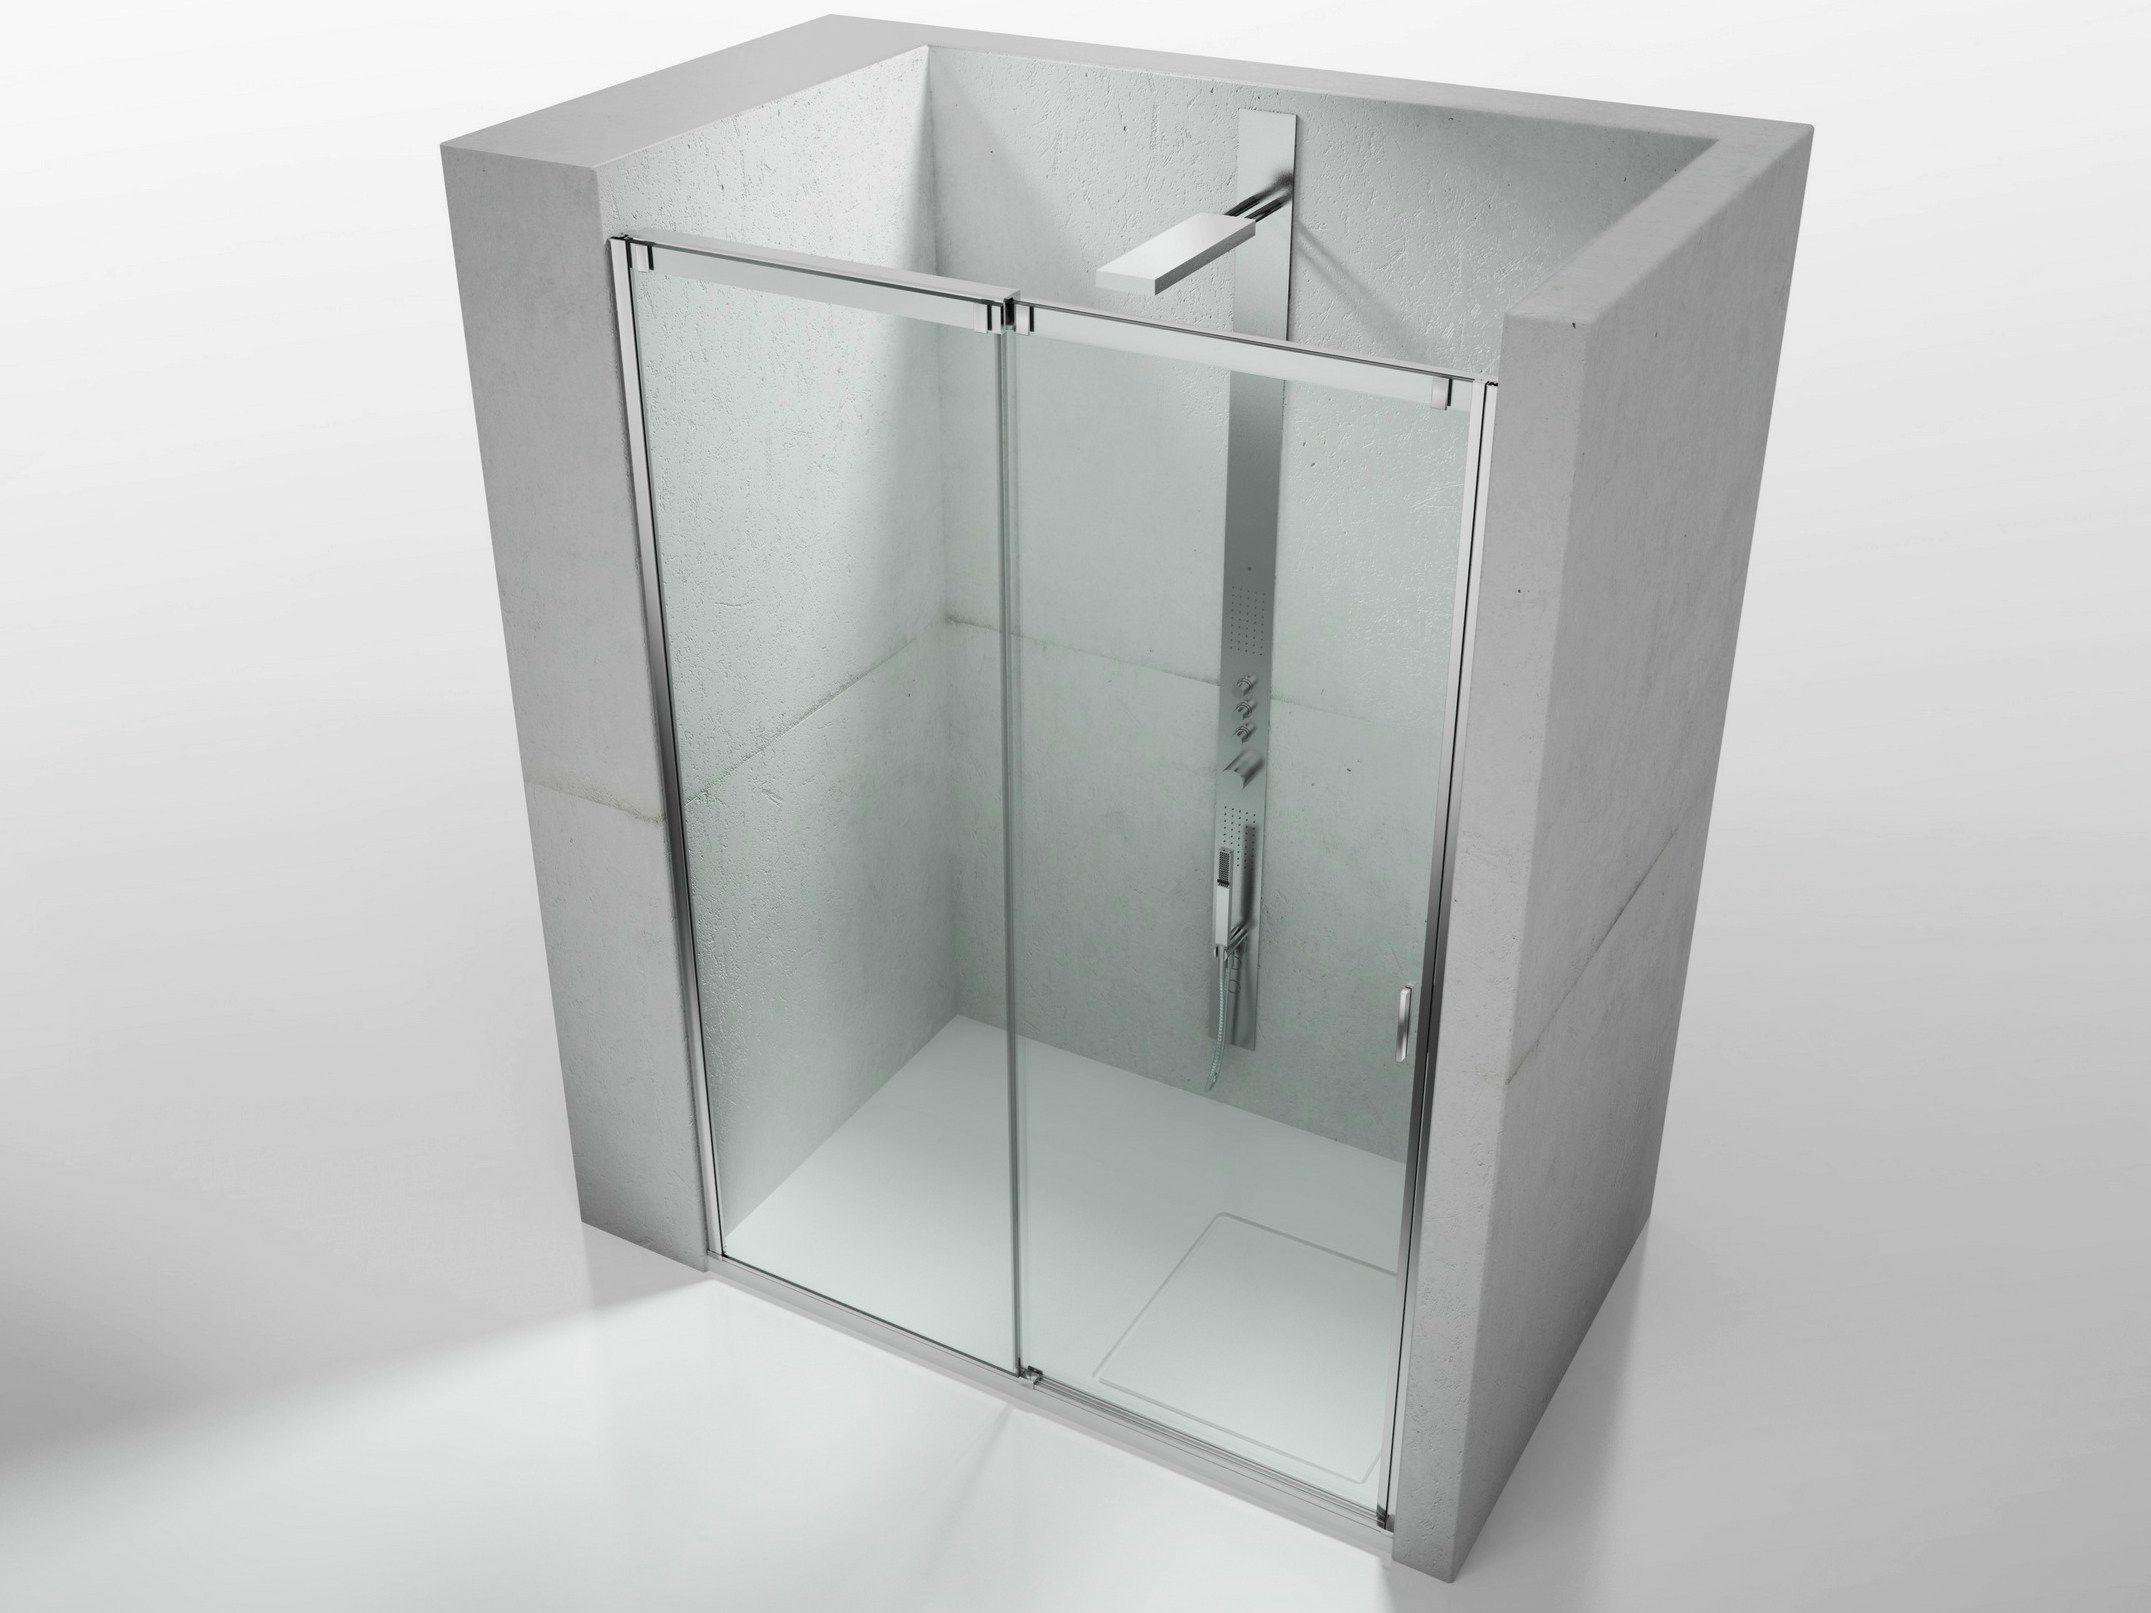 Diseno De Baños Con Nichos:Cabina de ducha en nicho de vidrio templado con puertas correderas